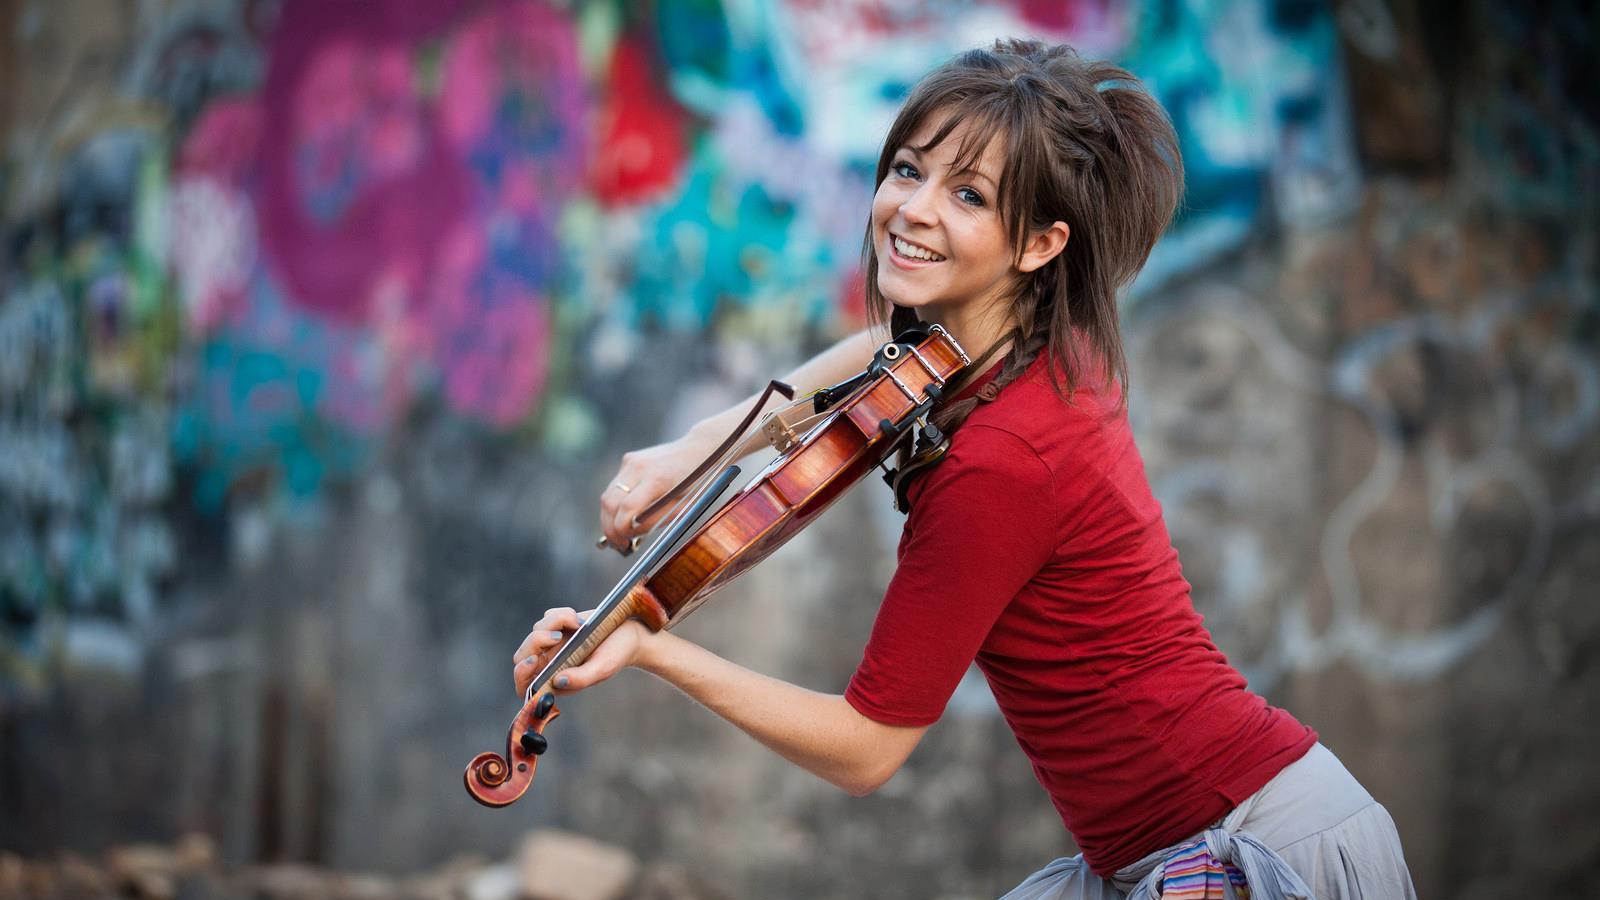 Lindsey-Stirling-2.jpg